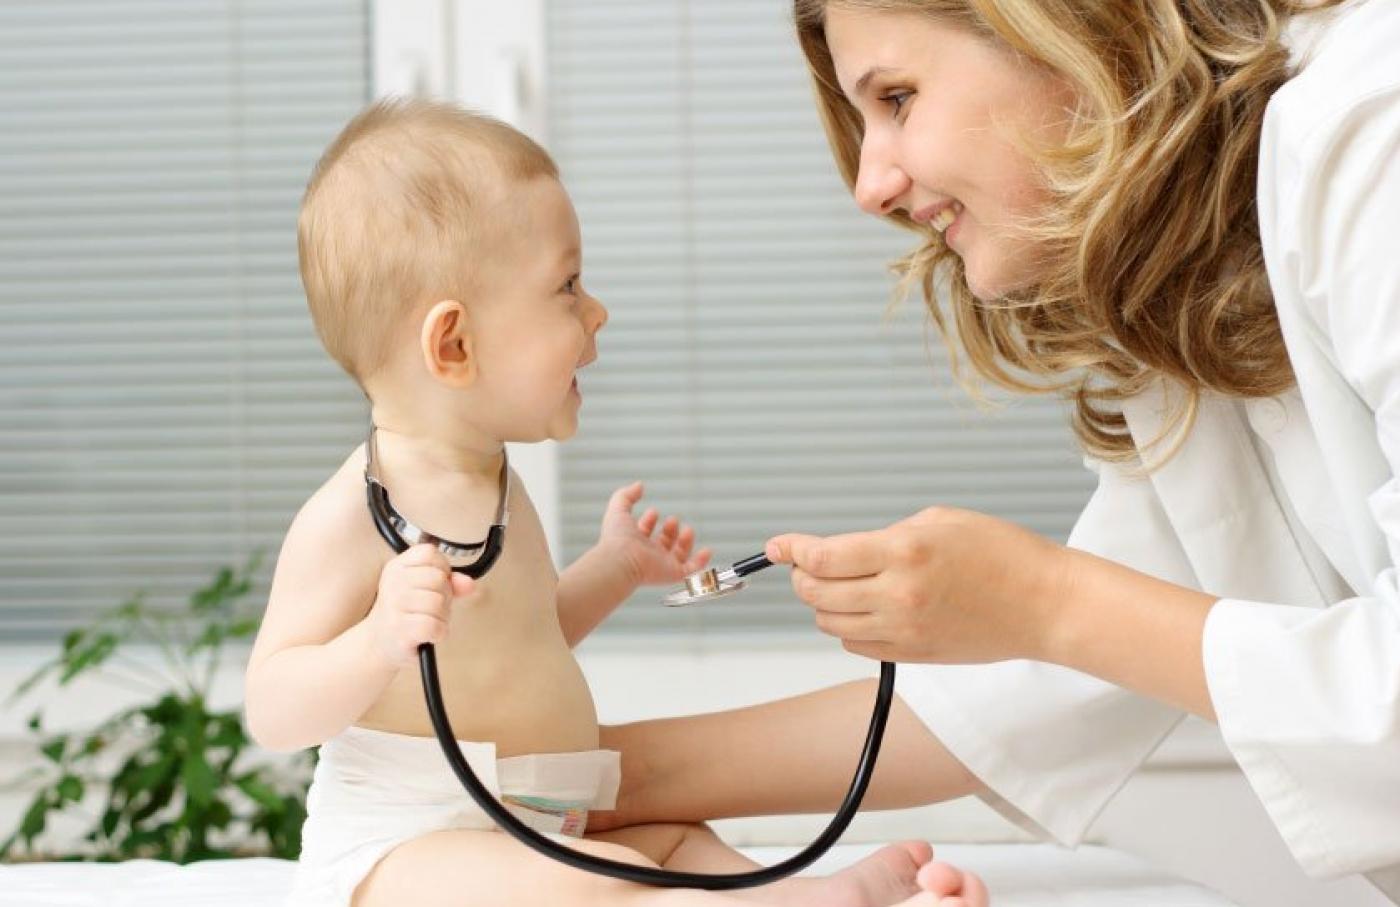 Академия предоставляет услуги дистанционного образования по переподготовке и повышению квалификации медицинских сестер